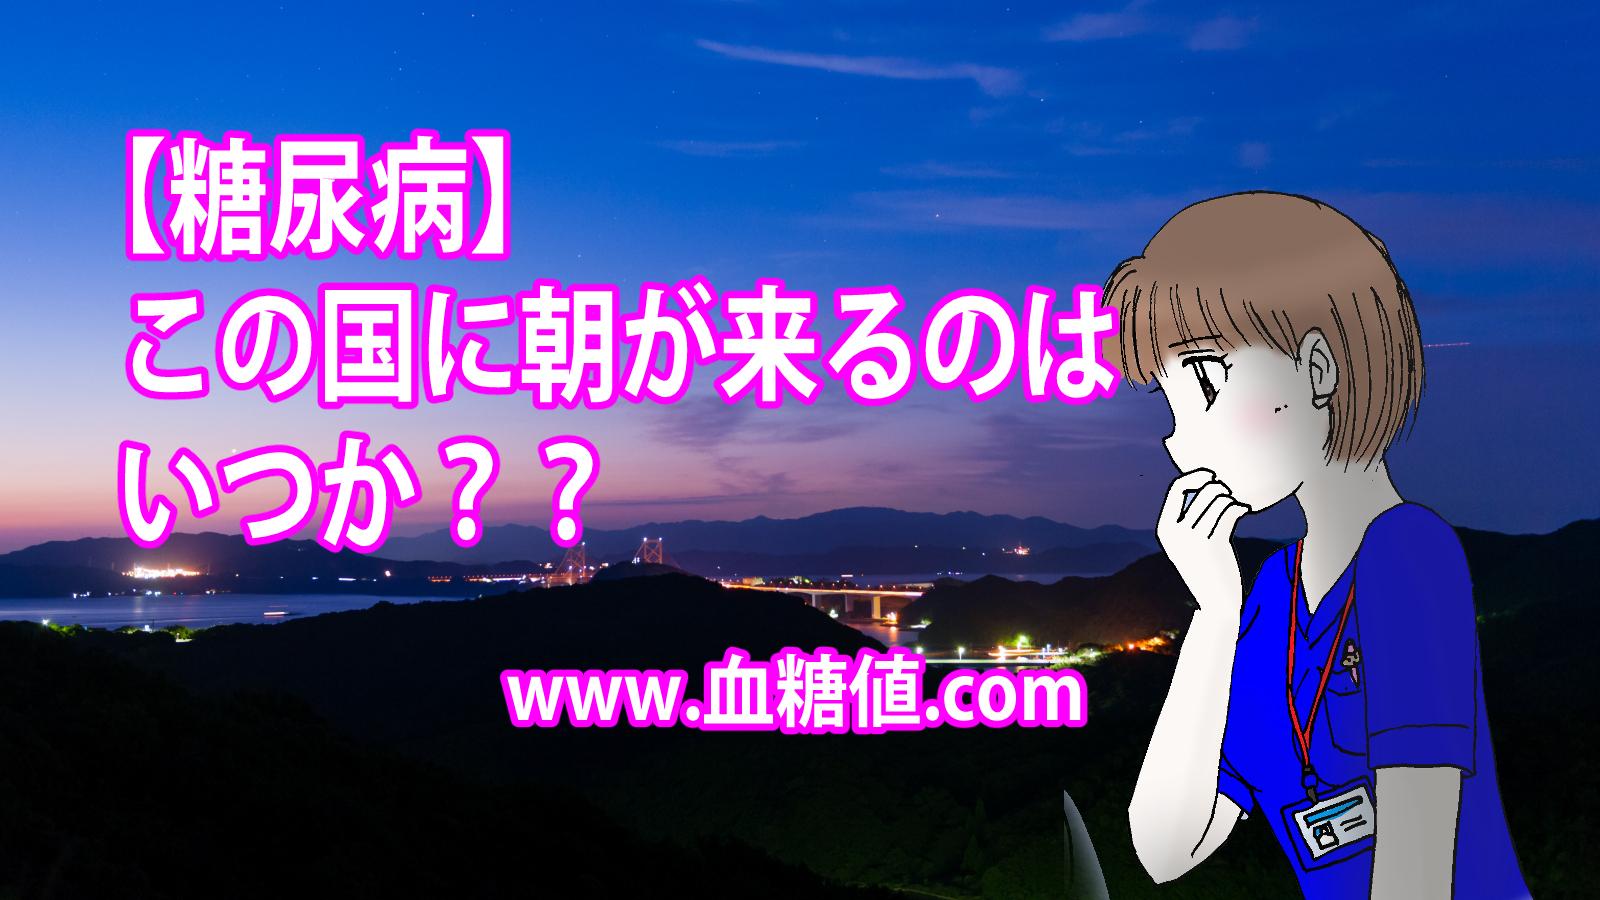 日本の糖尿病食事療法に朝は来るのか